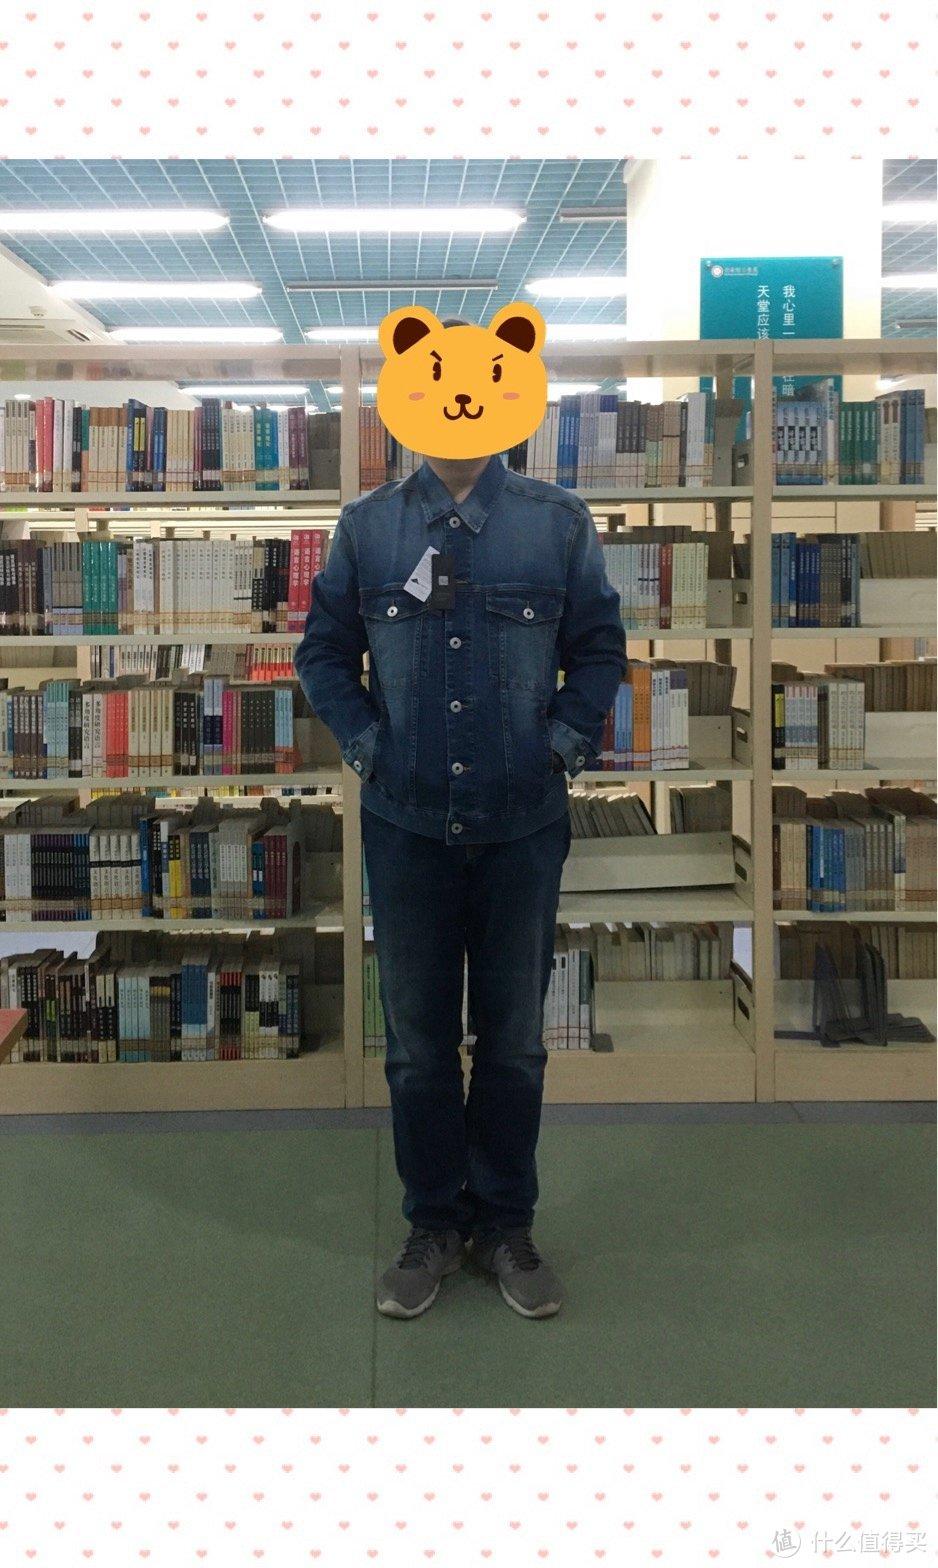 图书馆猿のINTERIGHT系列晒单 11:男士牛仔夹克 简单晒